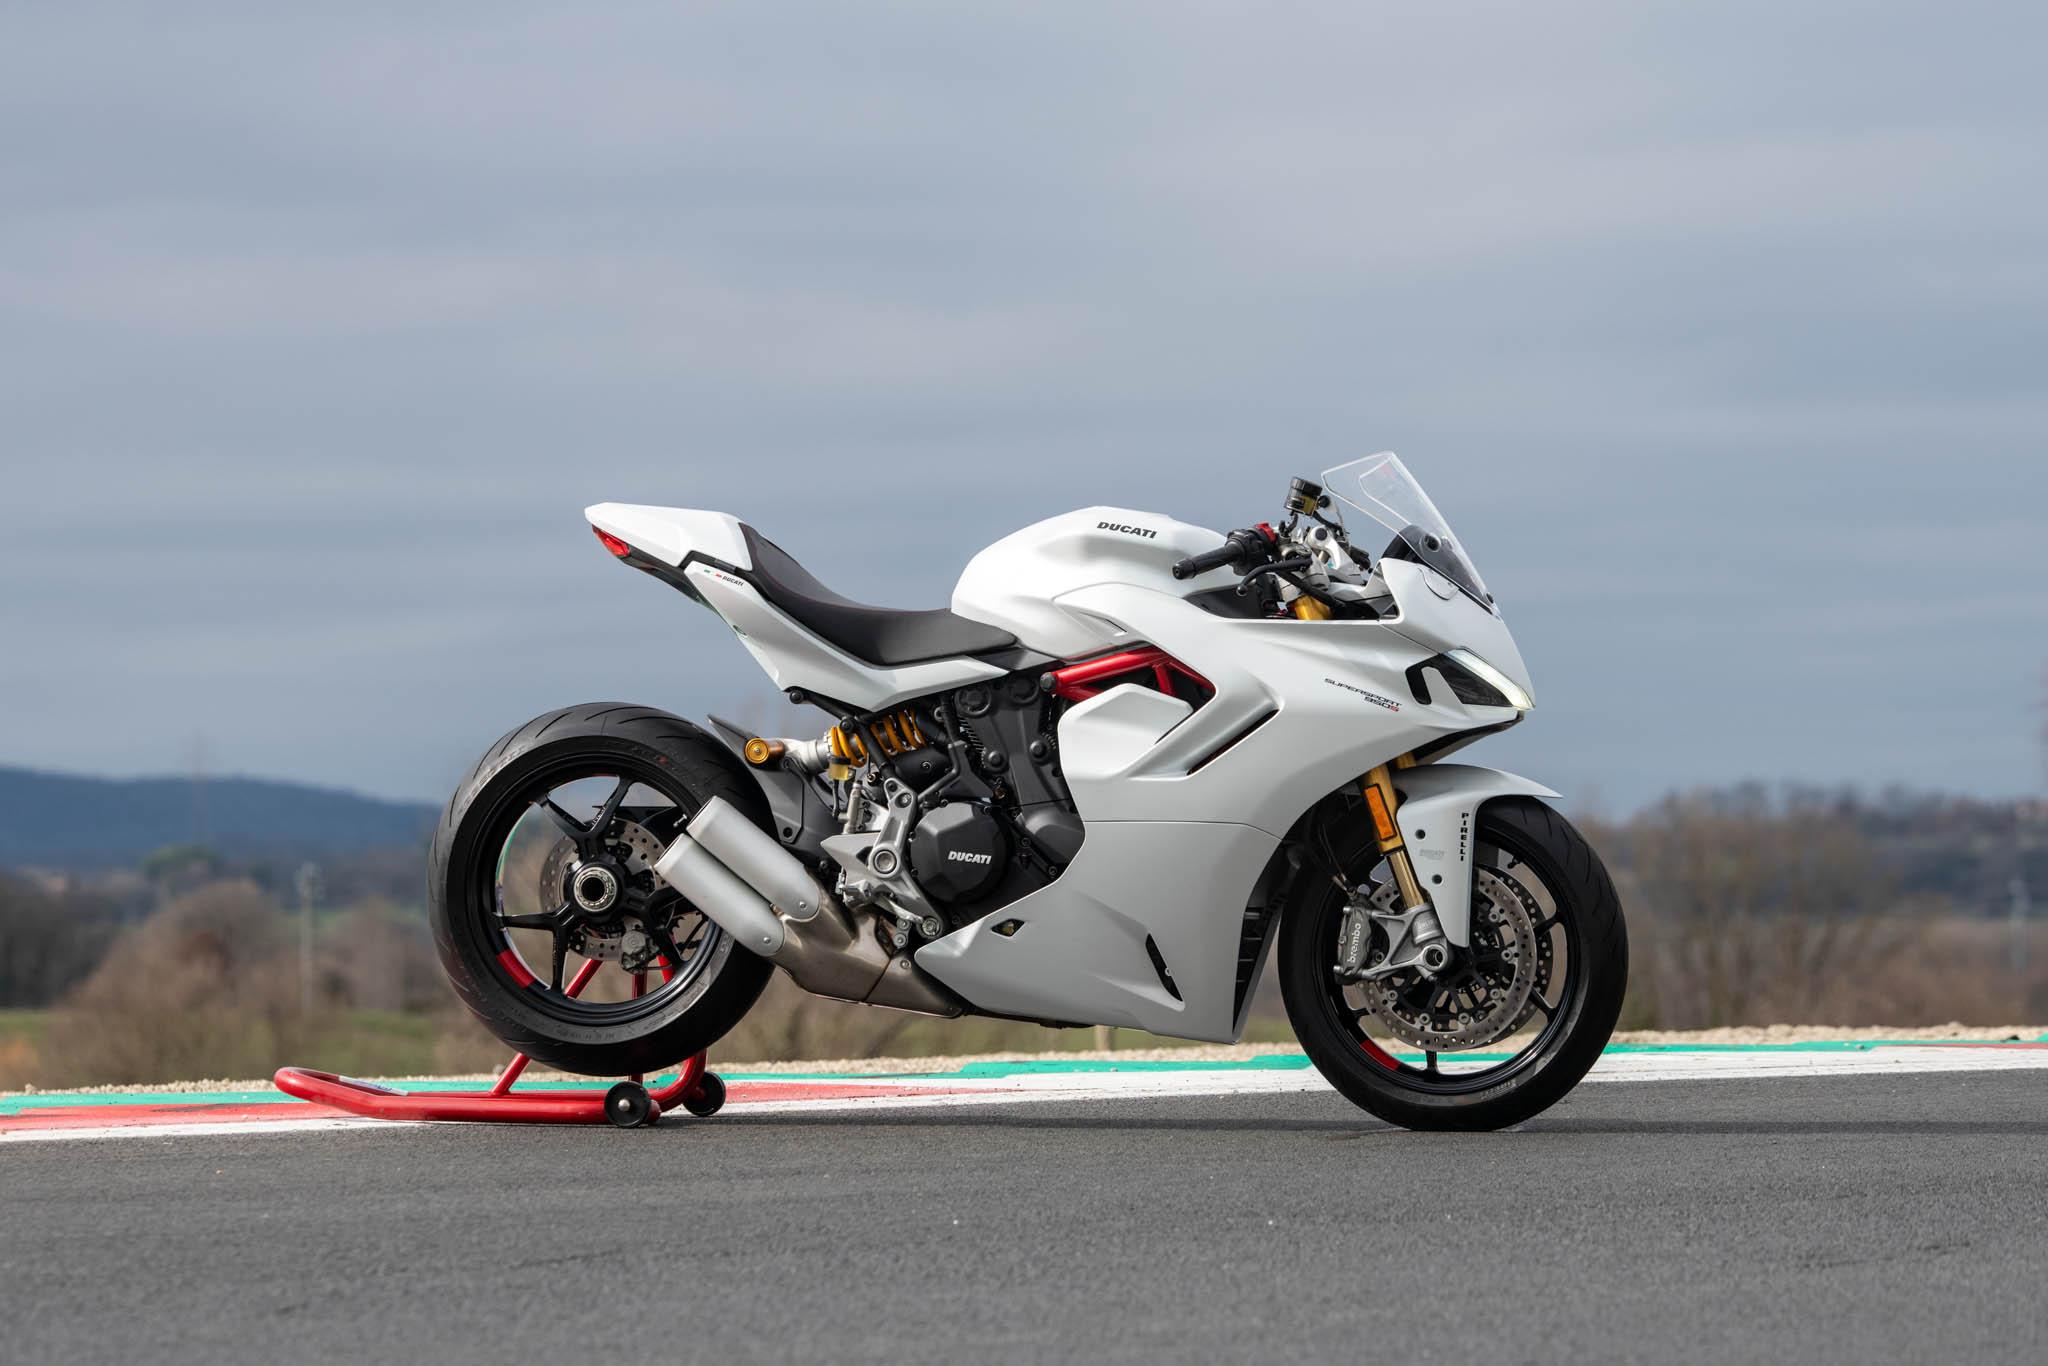 Ducati_SuperSport_950_2021_details-15